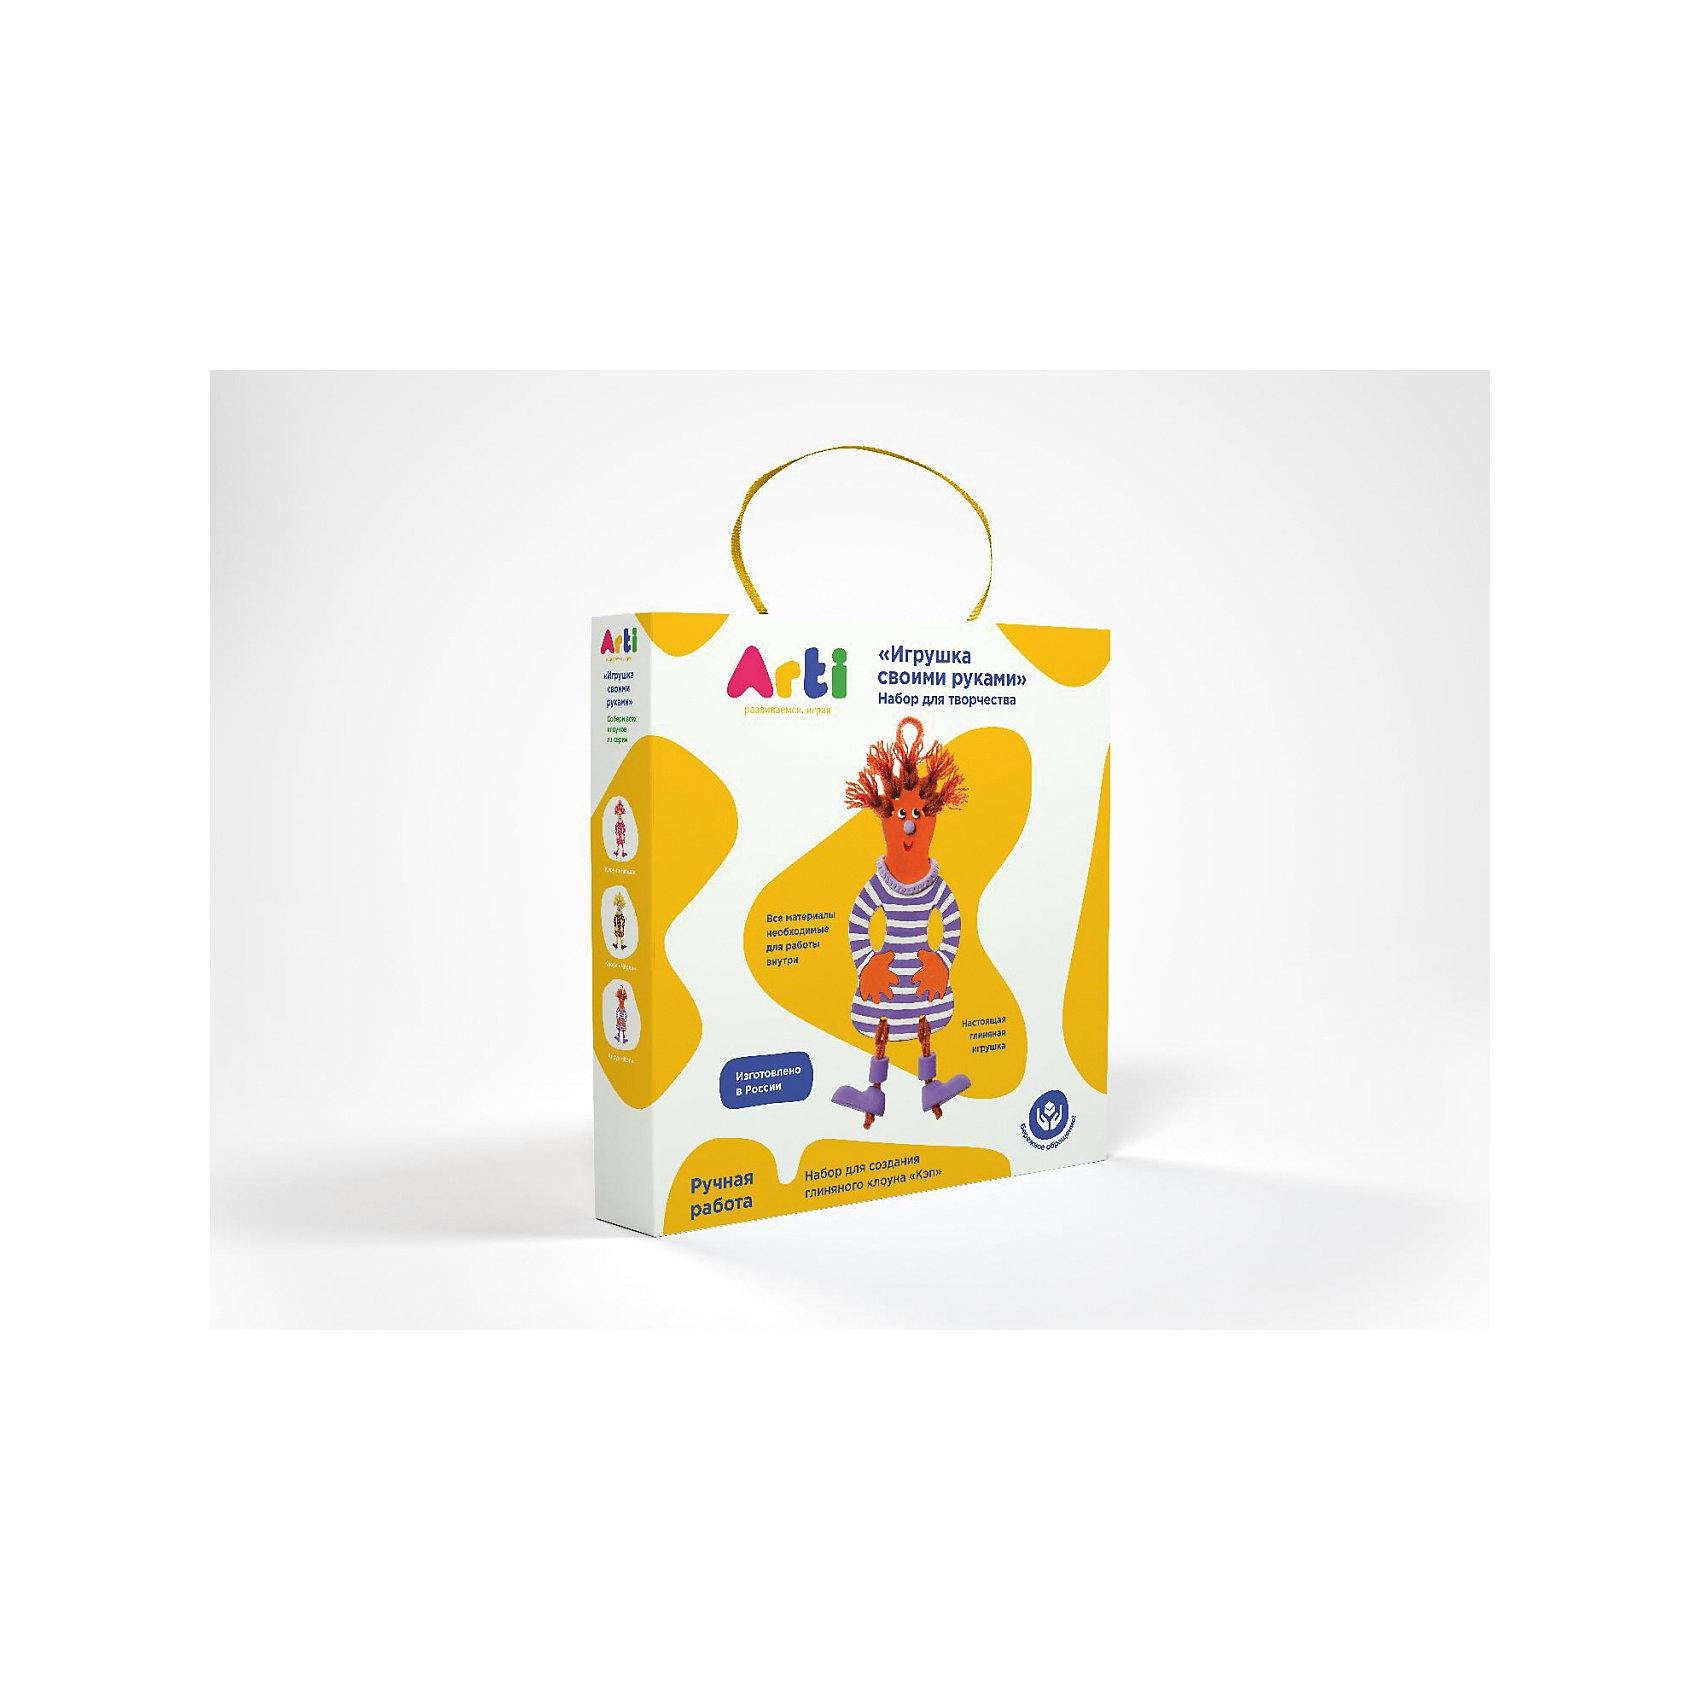 Набор для творчества Глиняный клоун КэпРисование<br>Набор для творчества Глиняный клоун Кэп.<br><br>Характеристика: <br><br>• Возраст: от 3 лет<br>• Материал: глина, текстиль, краски, дерево, шерсть. <br>• Размер упаковки: 3х18х18 см. <br>• Комплектация: глиняная основа, акриловые краски, кисть, шерстяные нити, деревянная палочка для работы с нитями.<br>• Объем 1 баночки с краской: 5 мл.<br>• Развивает моторику рук, мышление, внимание. фантазию, творческие способности. <br><br>С помощью этого замечательного набора ваш ребенок сможет создать яркую глиняную фигурку и раскрасить ее по своему вкусу. Все детали набора выполнены из высококачественных материалов. Доступная простая инструкция позволит детям самим сделать своего клоуна. Получившаяся фигурка обязательно украсит стену детской или же станет отличным подарком, сделанным своими руками. <br><br>Набор для творчества Глиняный клоун Кэп можно купить в нашем интернет-магазине.<br><br>Ширина мм: 180<br>Глубина мм: 180<br>Высота мм: 30<br>Вес г: 227<br>Возраст от месяцев: 36<br>Возраст до месяцев: 2147483647<br>Пол: Унисекс<br>Возраст: Детский<br>SKU: 5487920